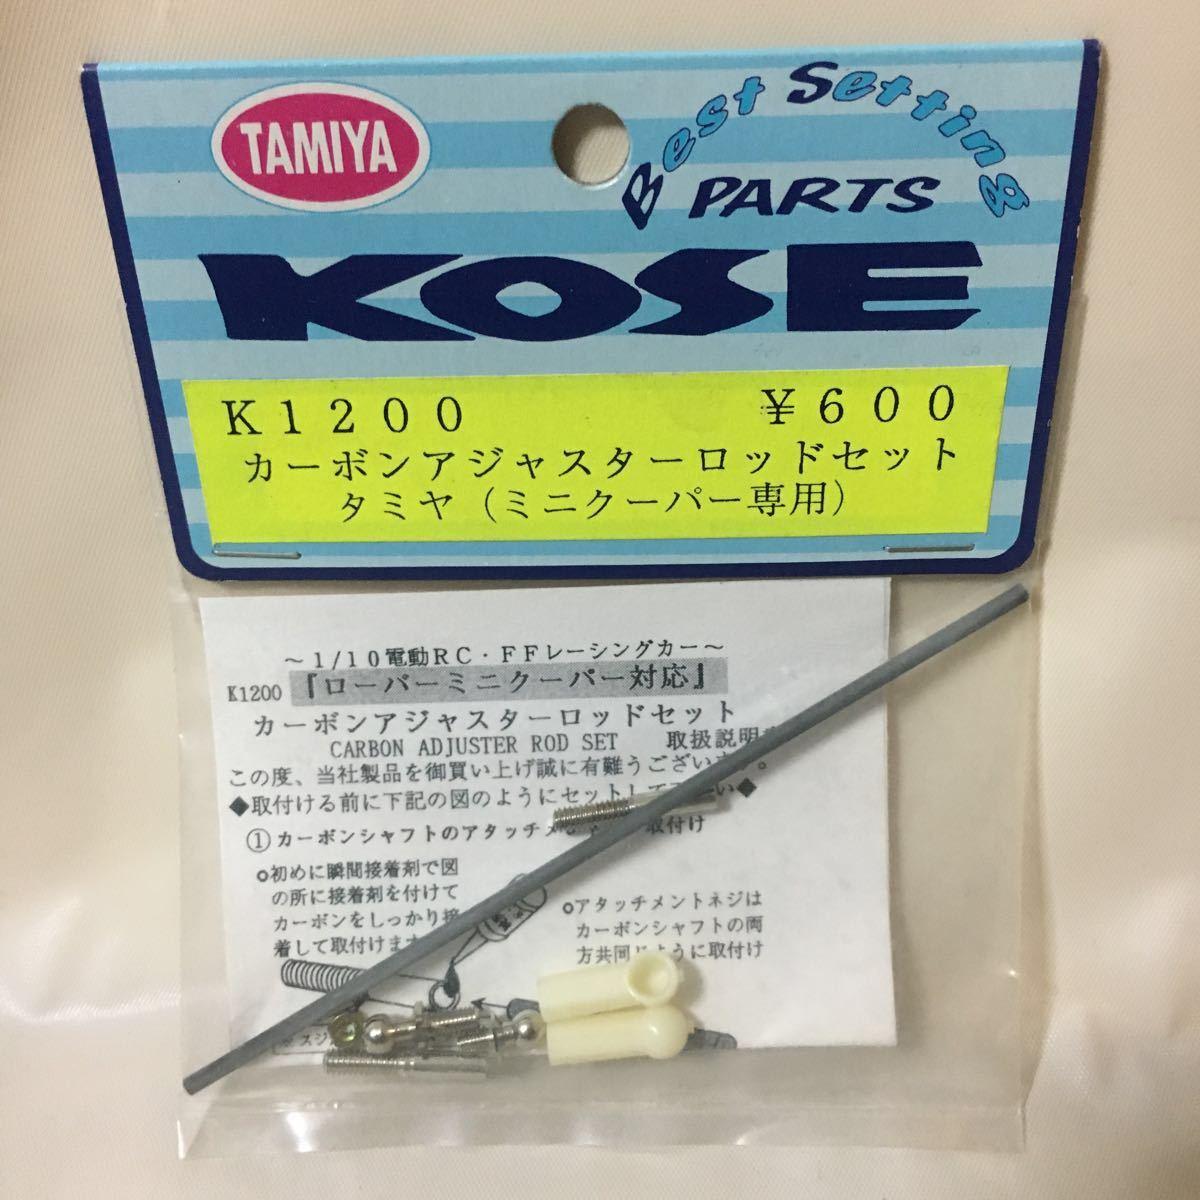 タミヤ Mシャーシ用 カーボンアジャスターロッドセット M01 ミニクーパー RC KOSE 社外品 mini cooper ラジコン TAMIYA